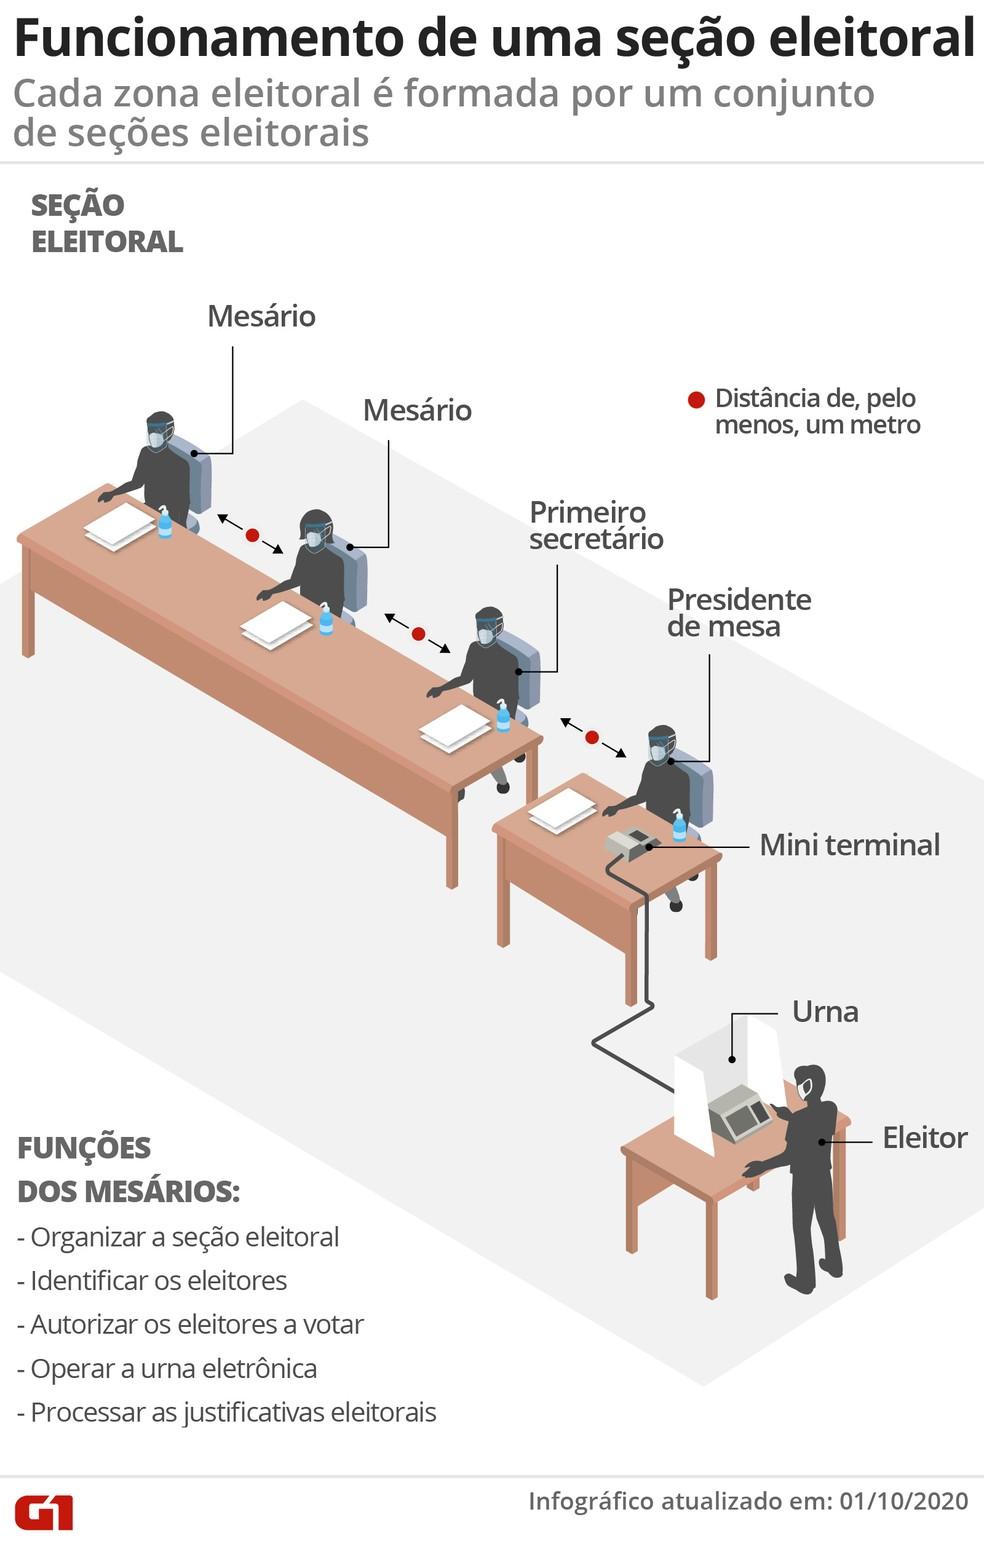 Funcionamento de uma seção eleitoral: cada zona eleitoral é formada por um conjunto de seções eleitorais — Foto: Wagner Magalhães / G1